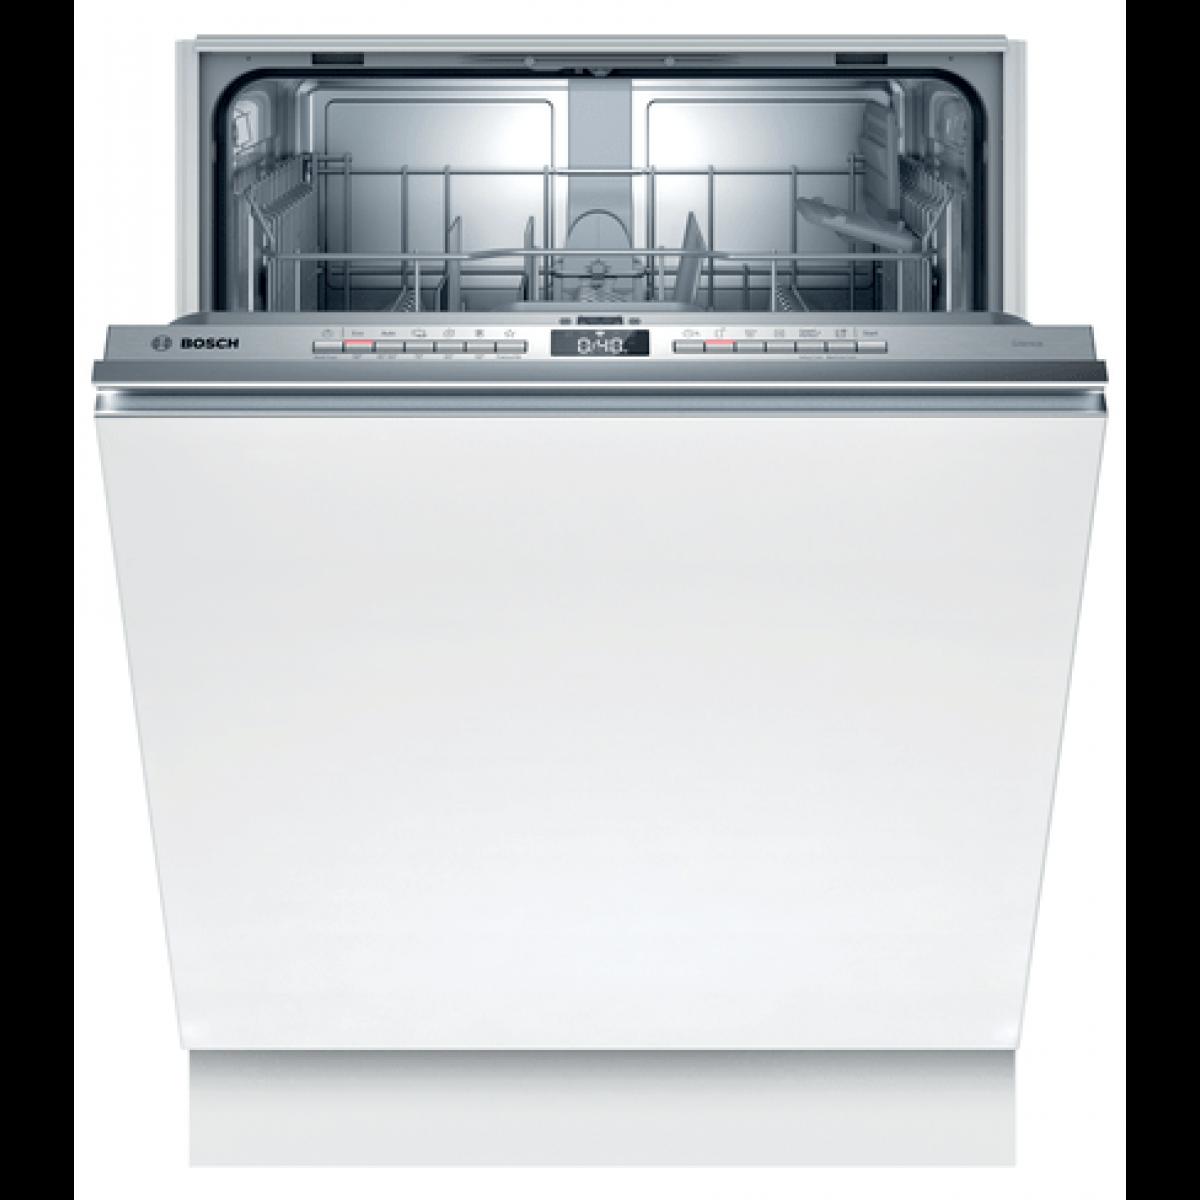 Bosch Lave vaisselle tout integrable 60 cm BOSCH SMV4HTX31E